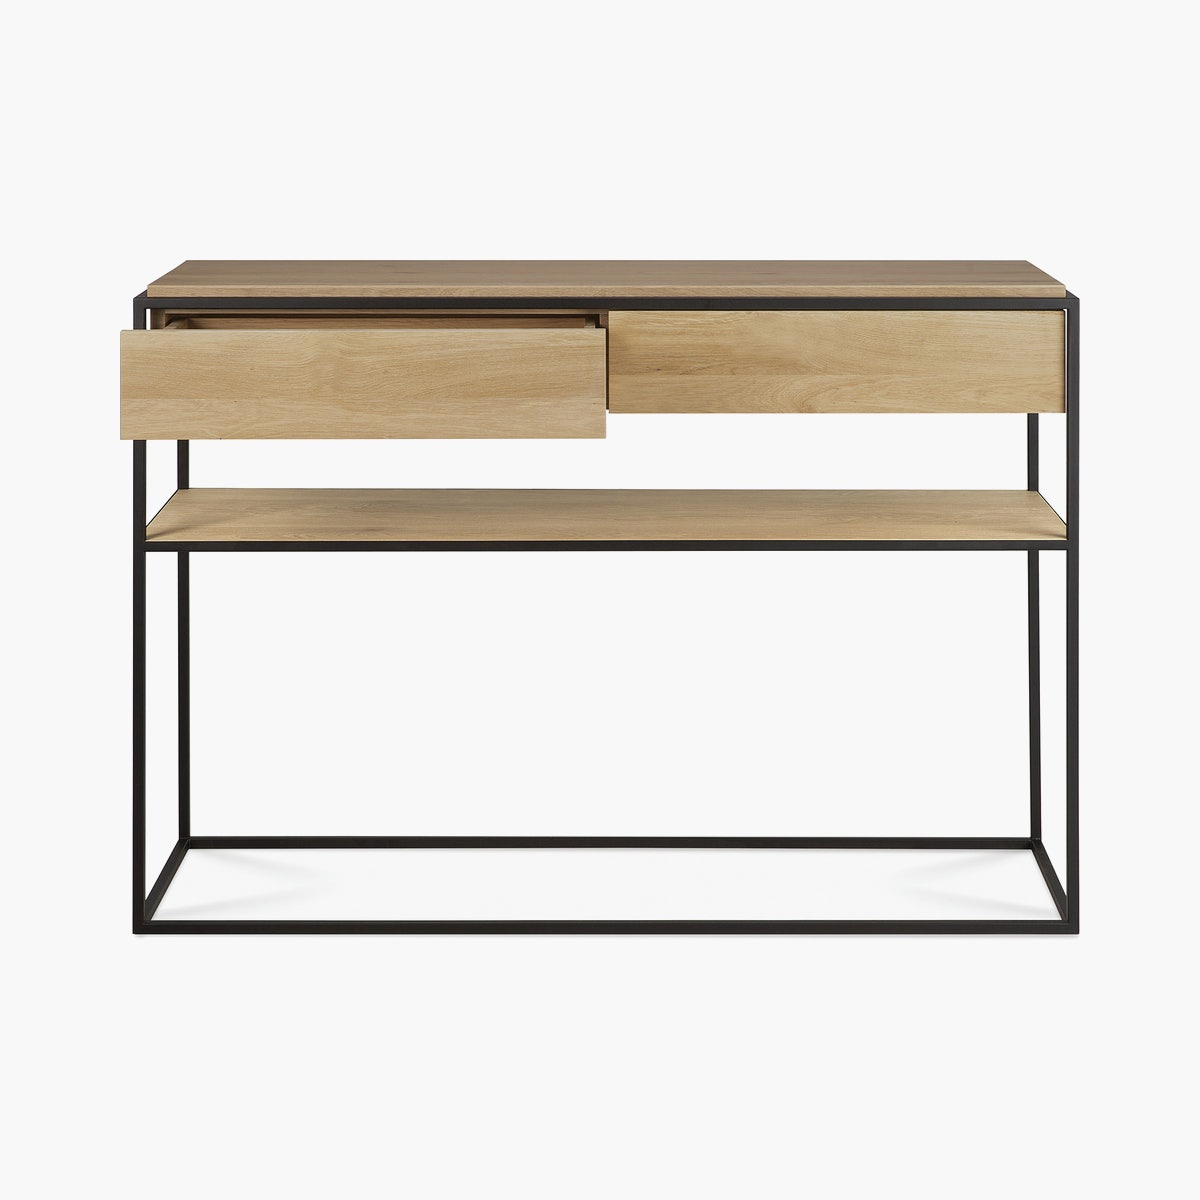 Monolit Console Table